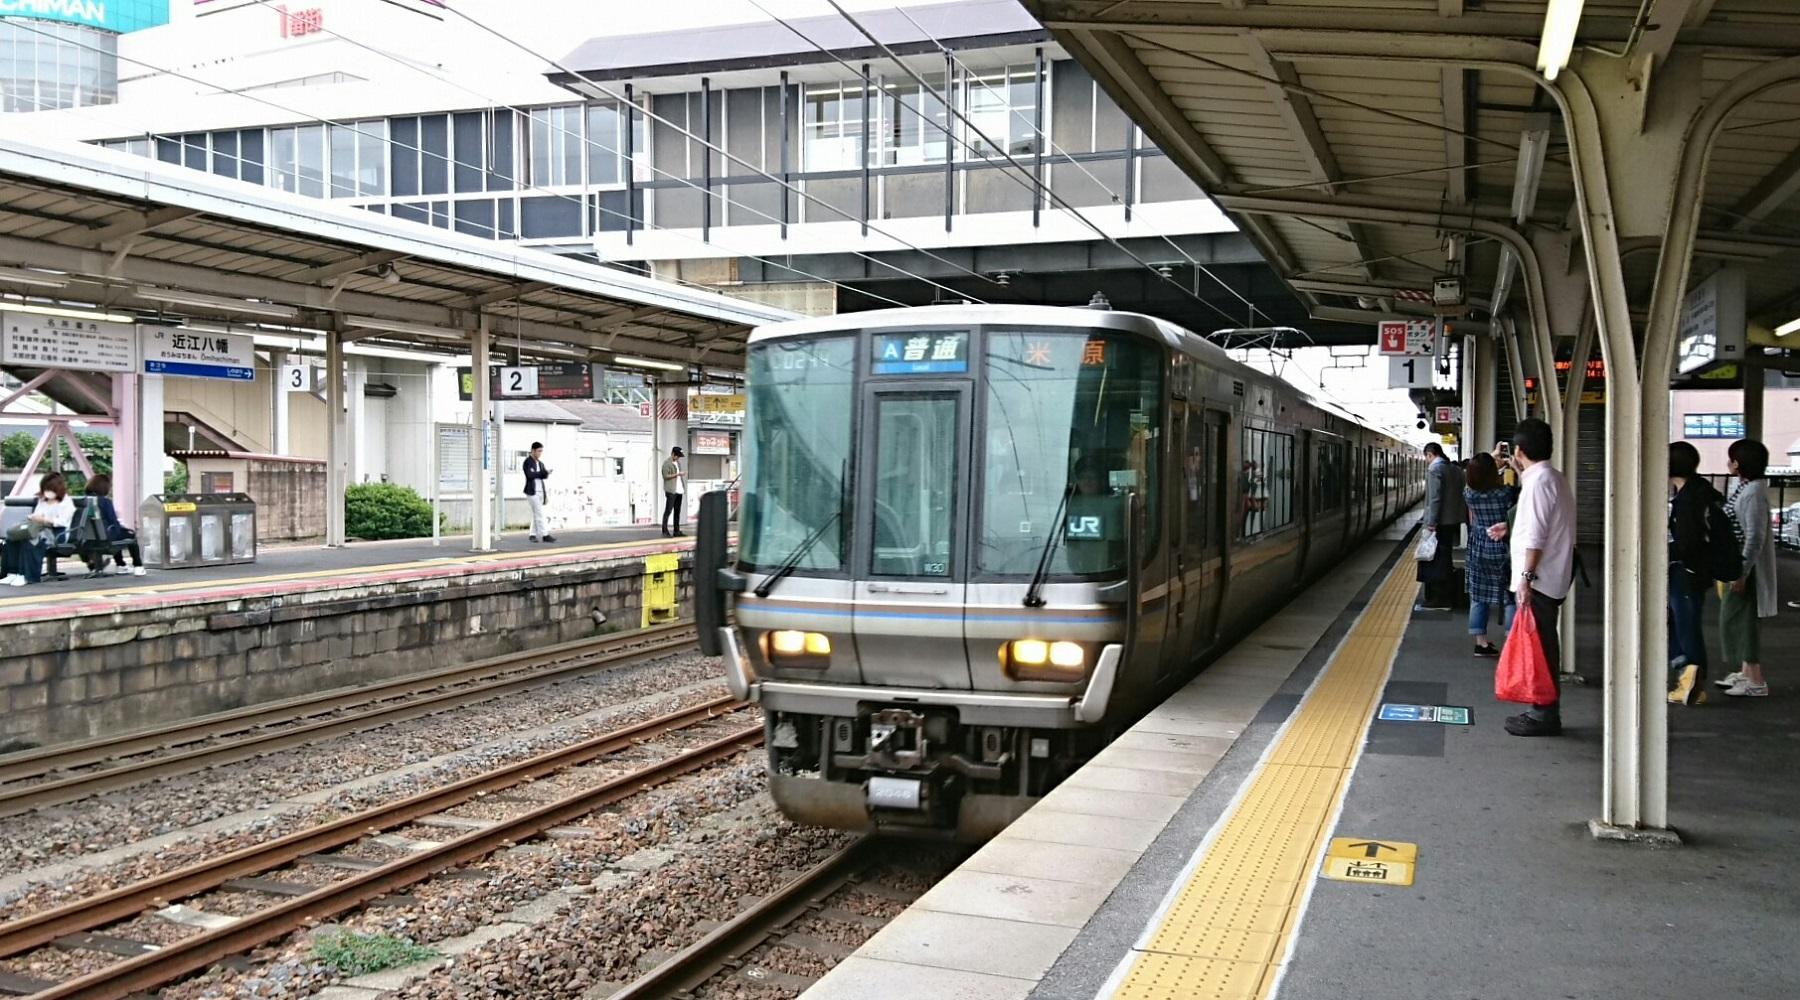 2017.10.7 彦根 (2) 近江八幡 - 米原いきふつう 1800-1000